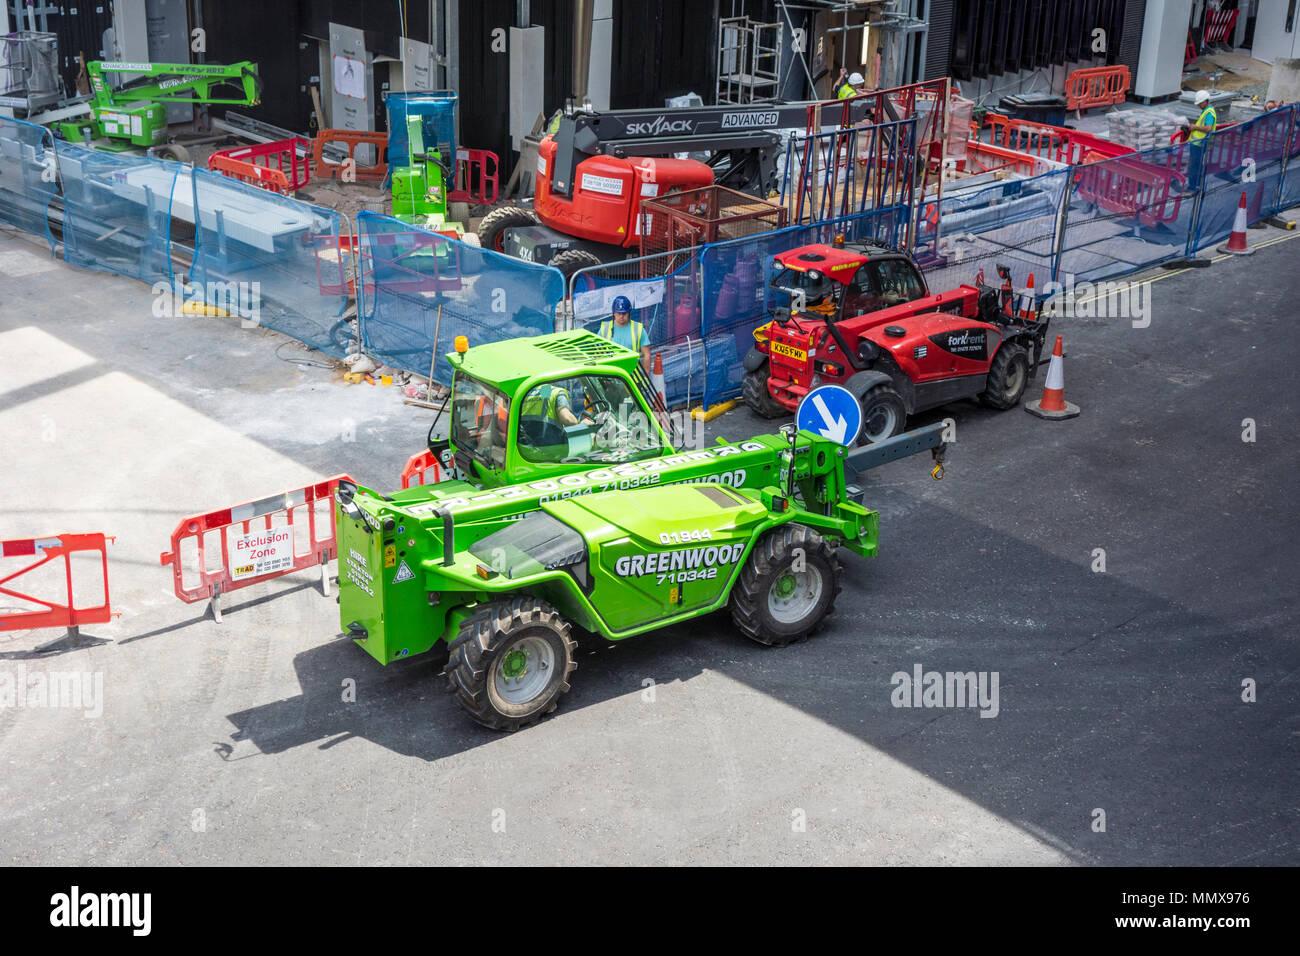 Vehículos de construcción y la grúa en una obra en construcción en Londres, Reino Unido Imagen De Stock